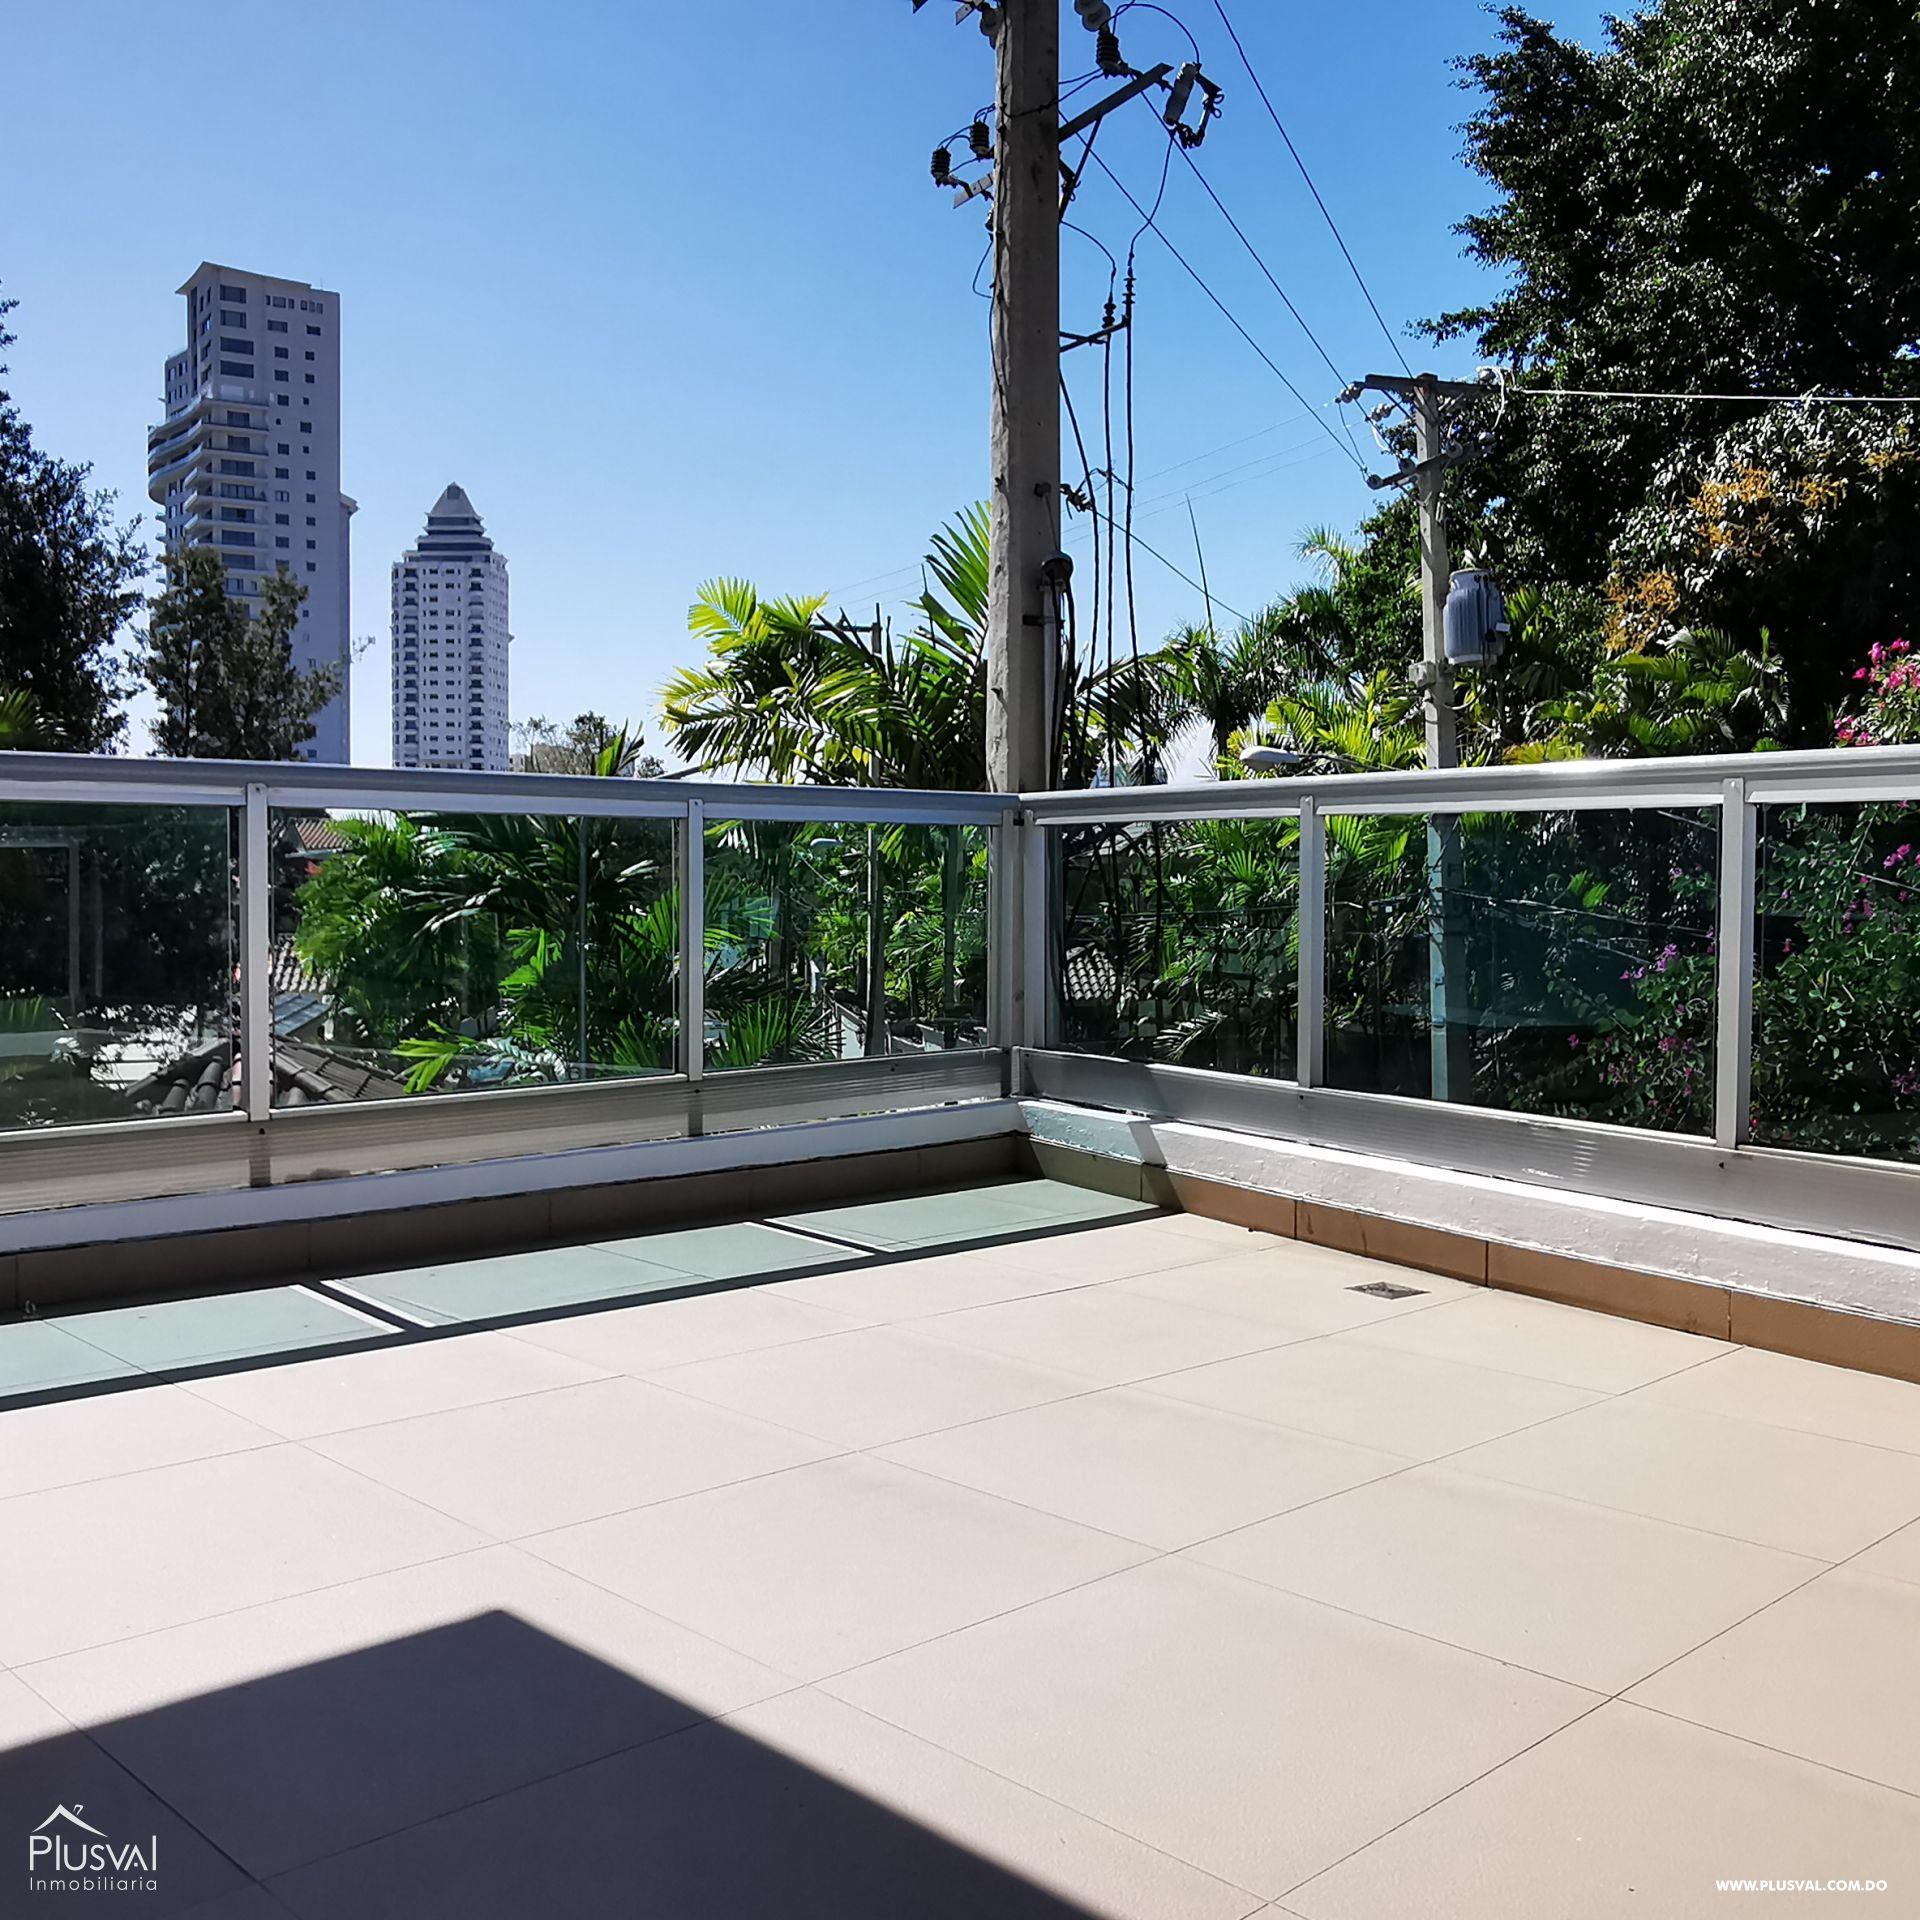 Venta Apartamento 2 Habitaciones y Terraza Privada en Torre Moderna, Los Cacicazgos